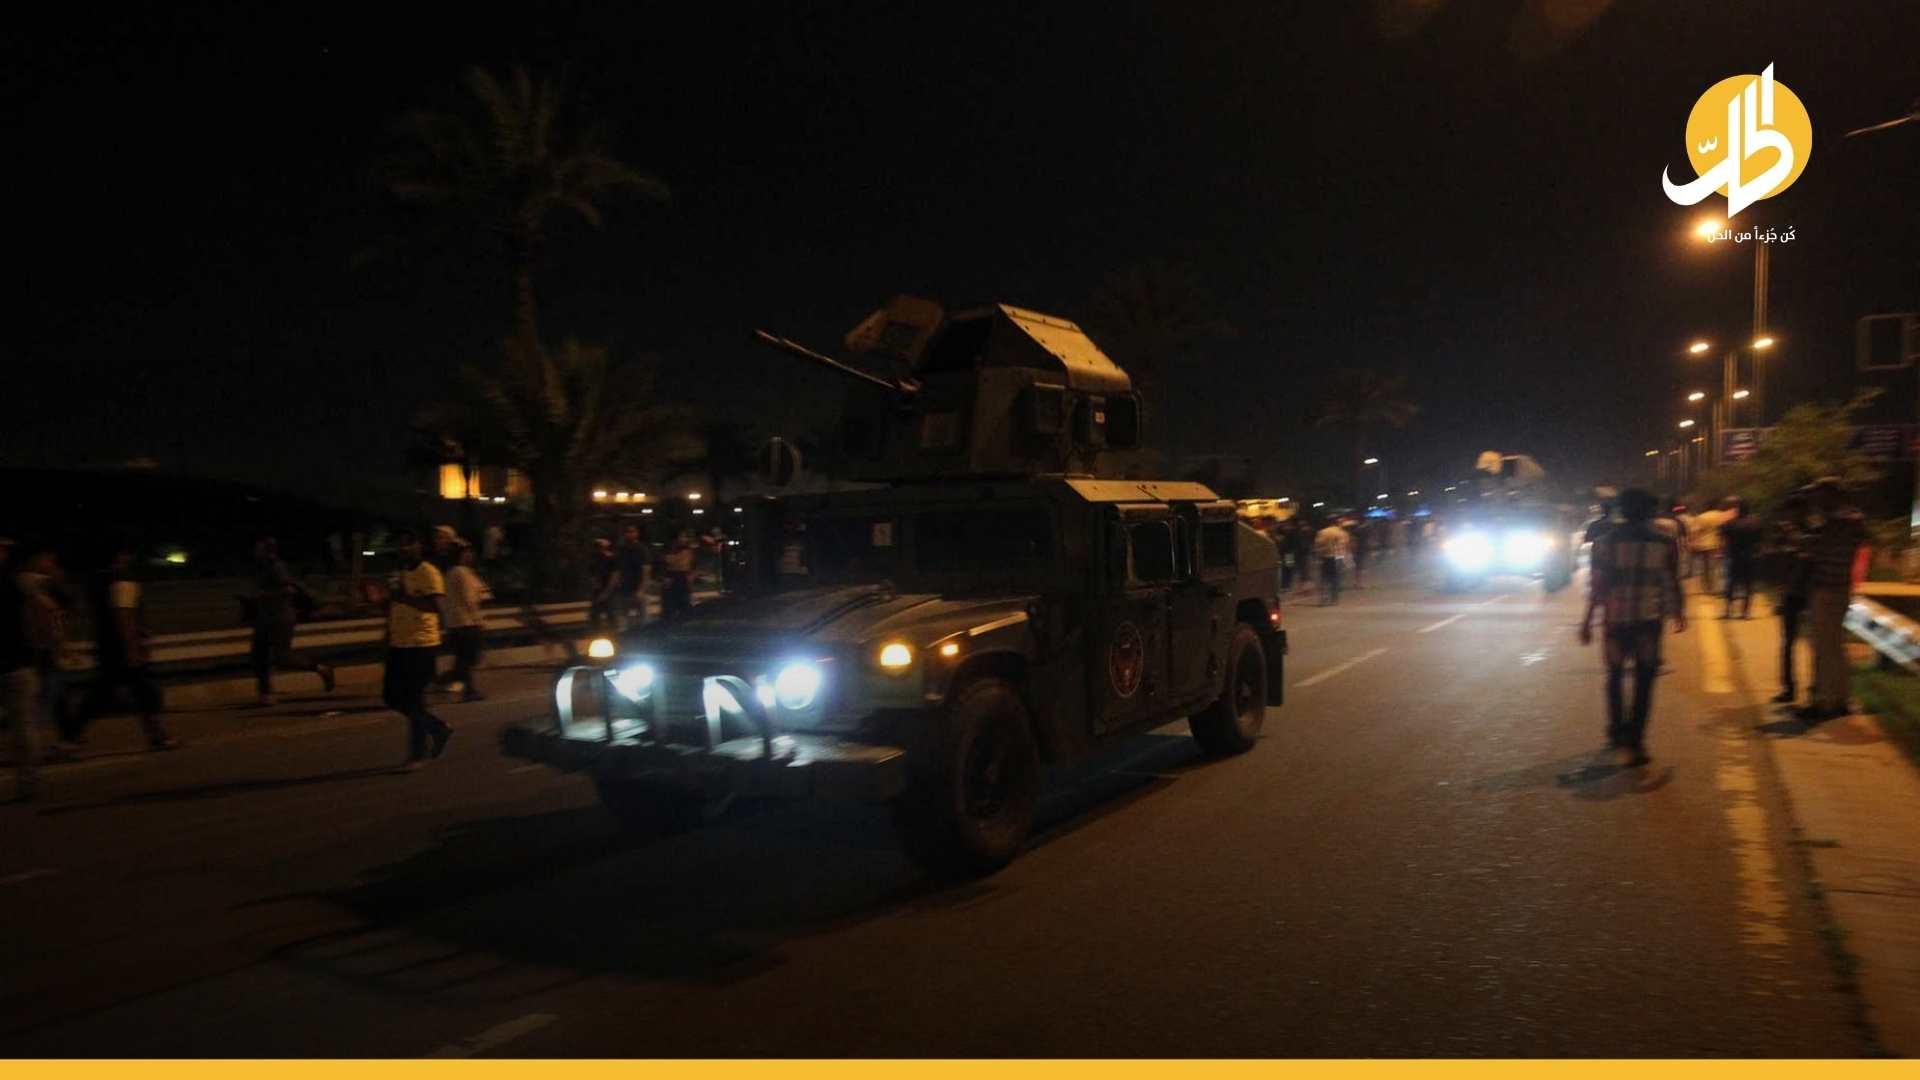 """ليلَة """"ناريّة"""" بين الأمن العراقي والميليشيات الولائية بالبصرة.. هذه نهايتها (فيديو)"""